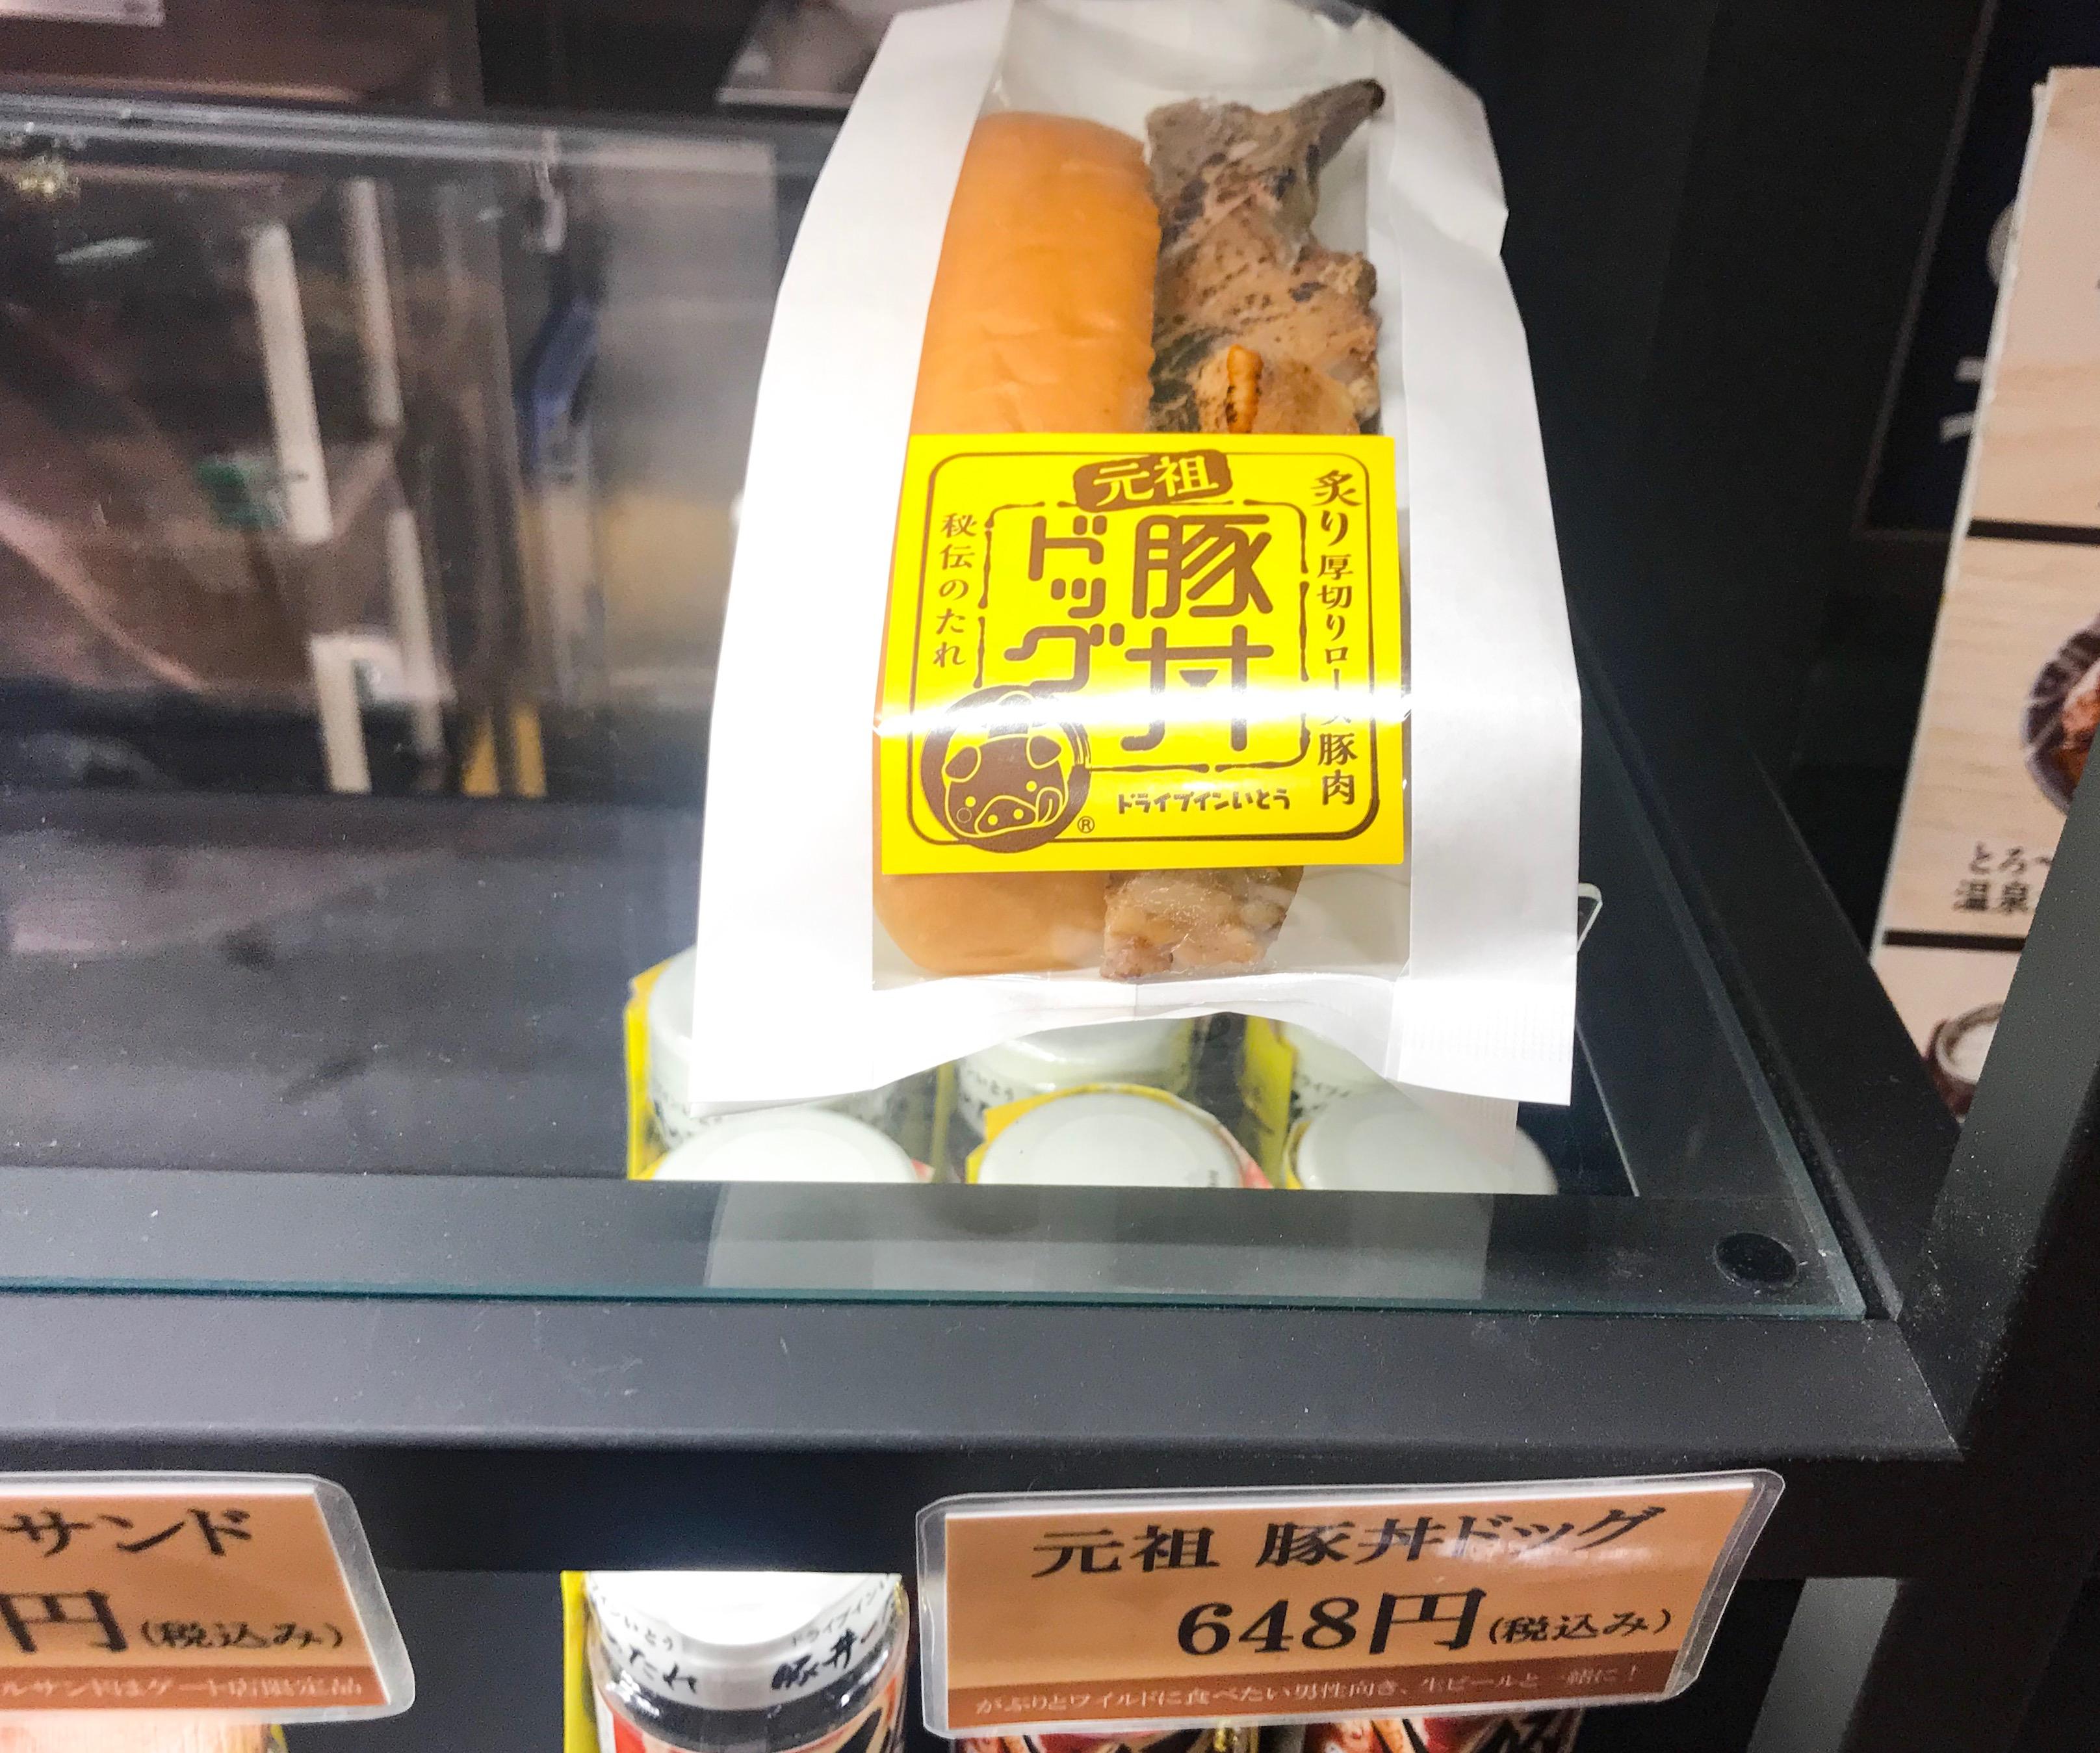 新千歳空港ゲートラウンジ店 ドライブインいとう豚丼名人 限定メニュー 豚丼ドッグ 豚丼サンド